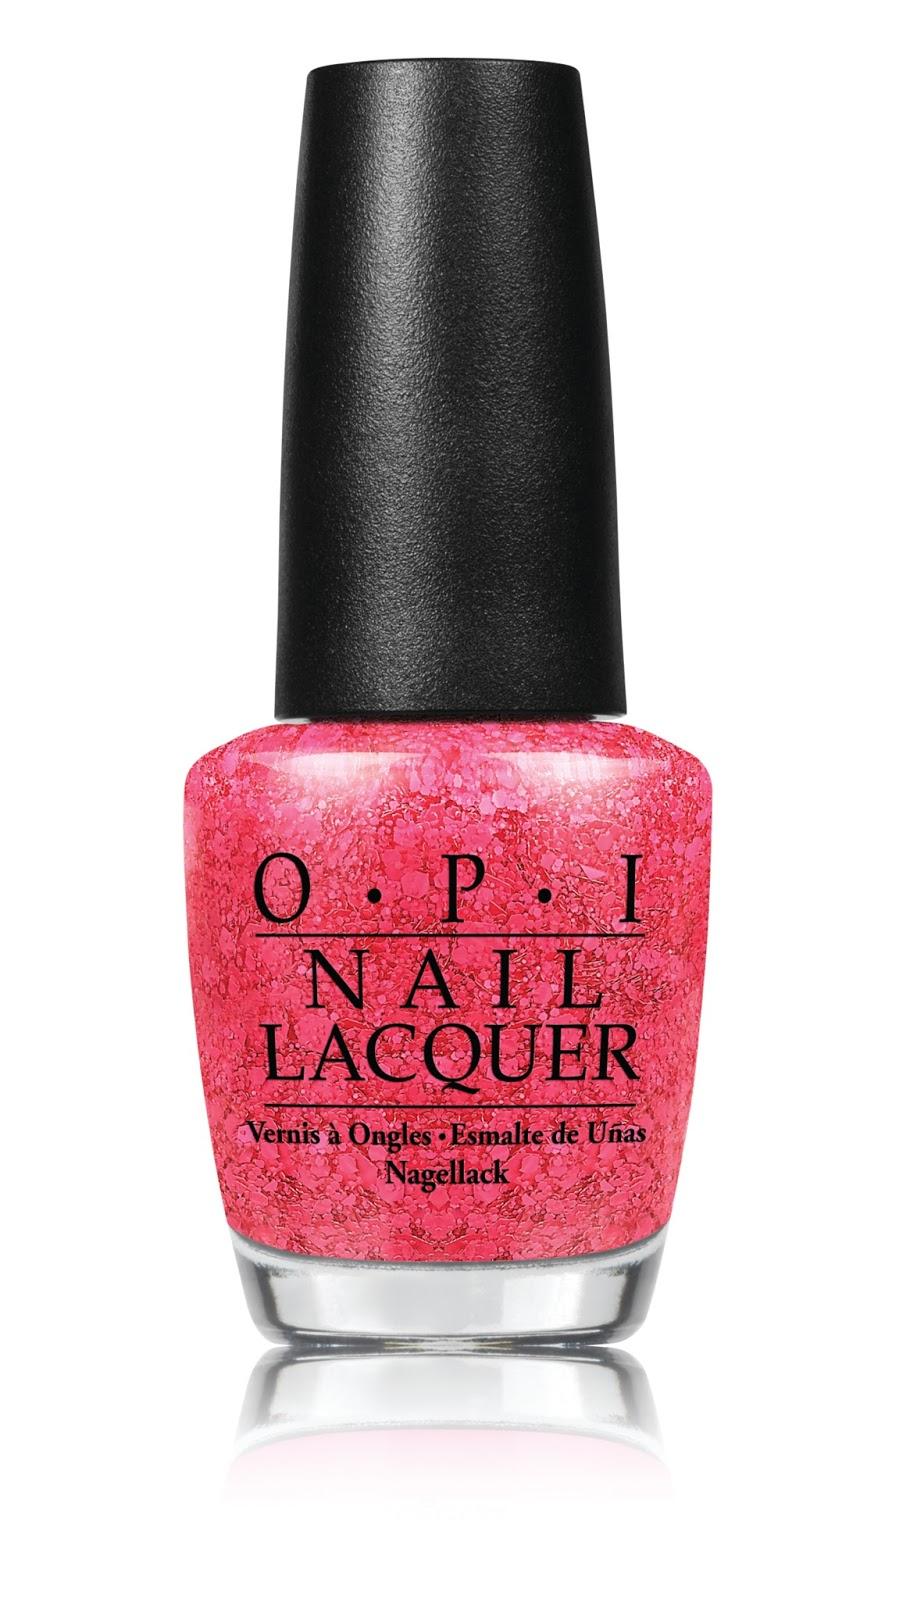 OPI Лак для ногтей On Pinks & Needles, 15 млNLA71Лак для ногтей из коллекции Brights OPI 2015. Ярко-розовый глиттер. Палитра лаков Brights OPI - это яркие лаки для ногтей, которые отлично смотрятся как на длинных, так и на коротких ногтях. Лаки-глиттеры идеально подходят для дизайна ногтей. Вся коллекция представлена также и в гель-лаке GelColor.